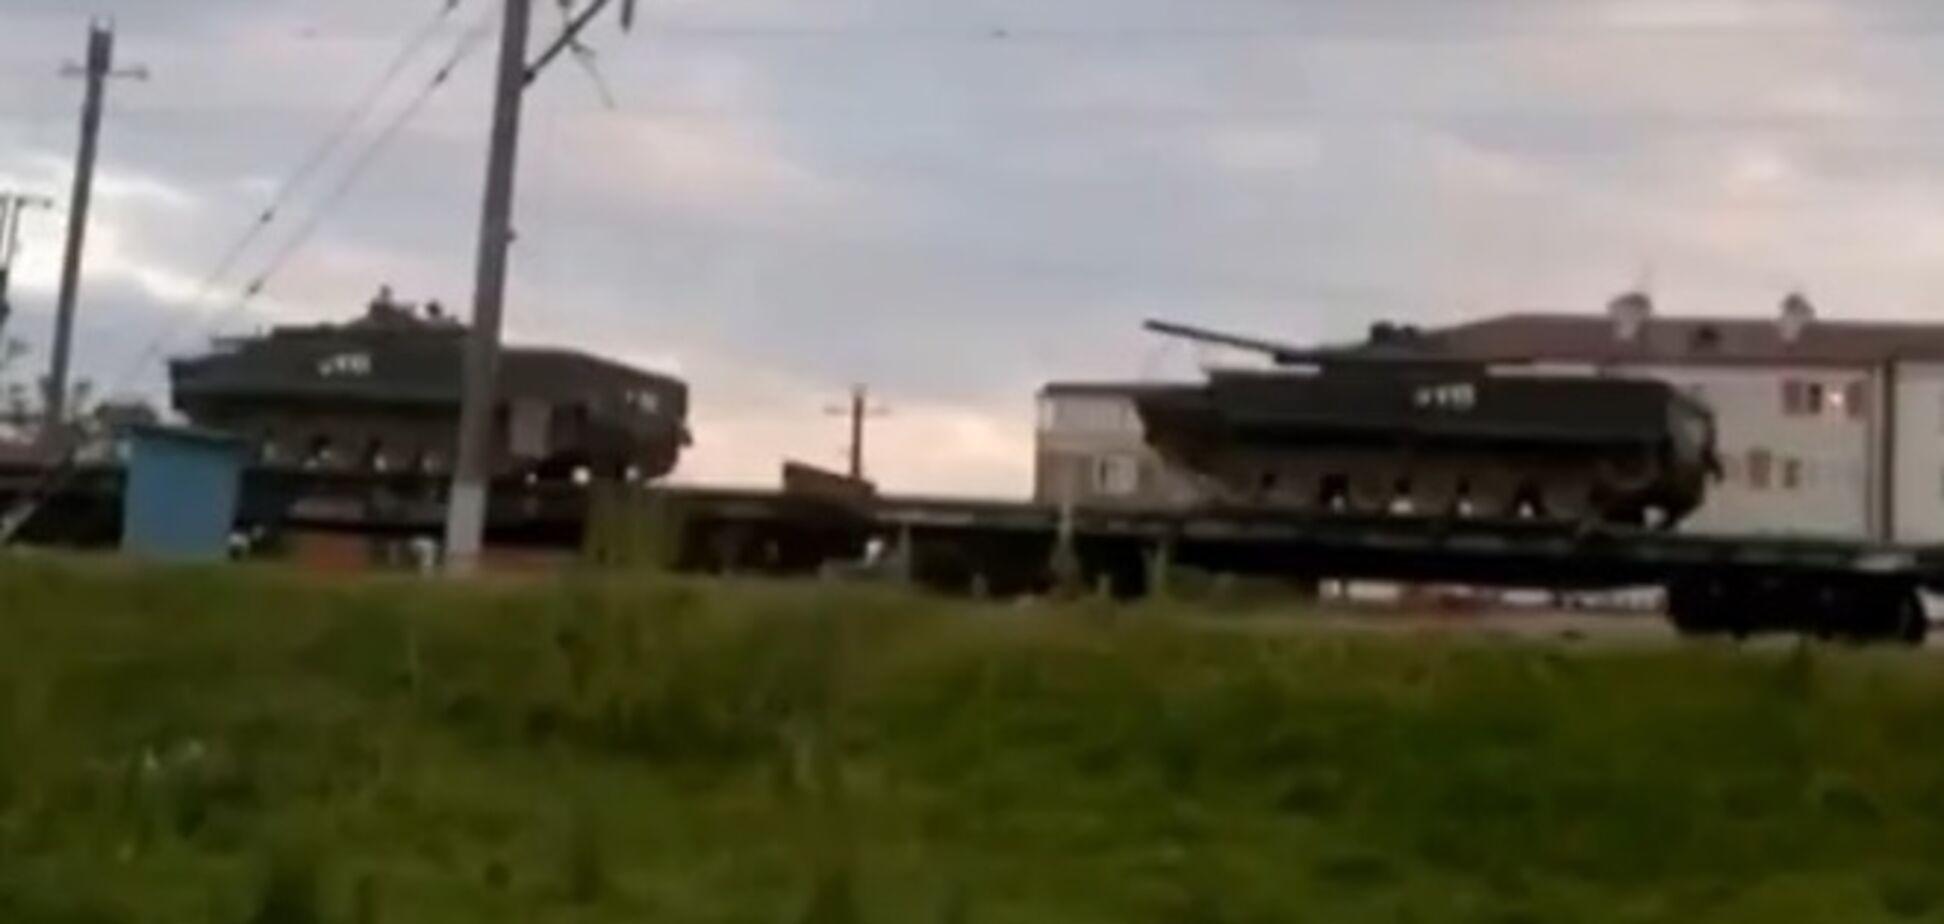 Россия направила к украинской границе 200 единиц военной техники. Видеофакт